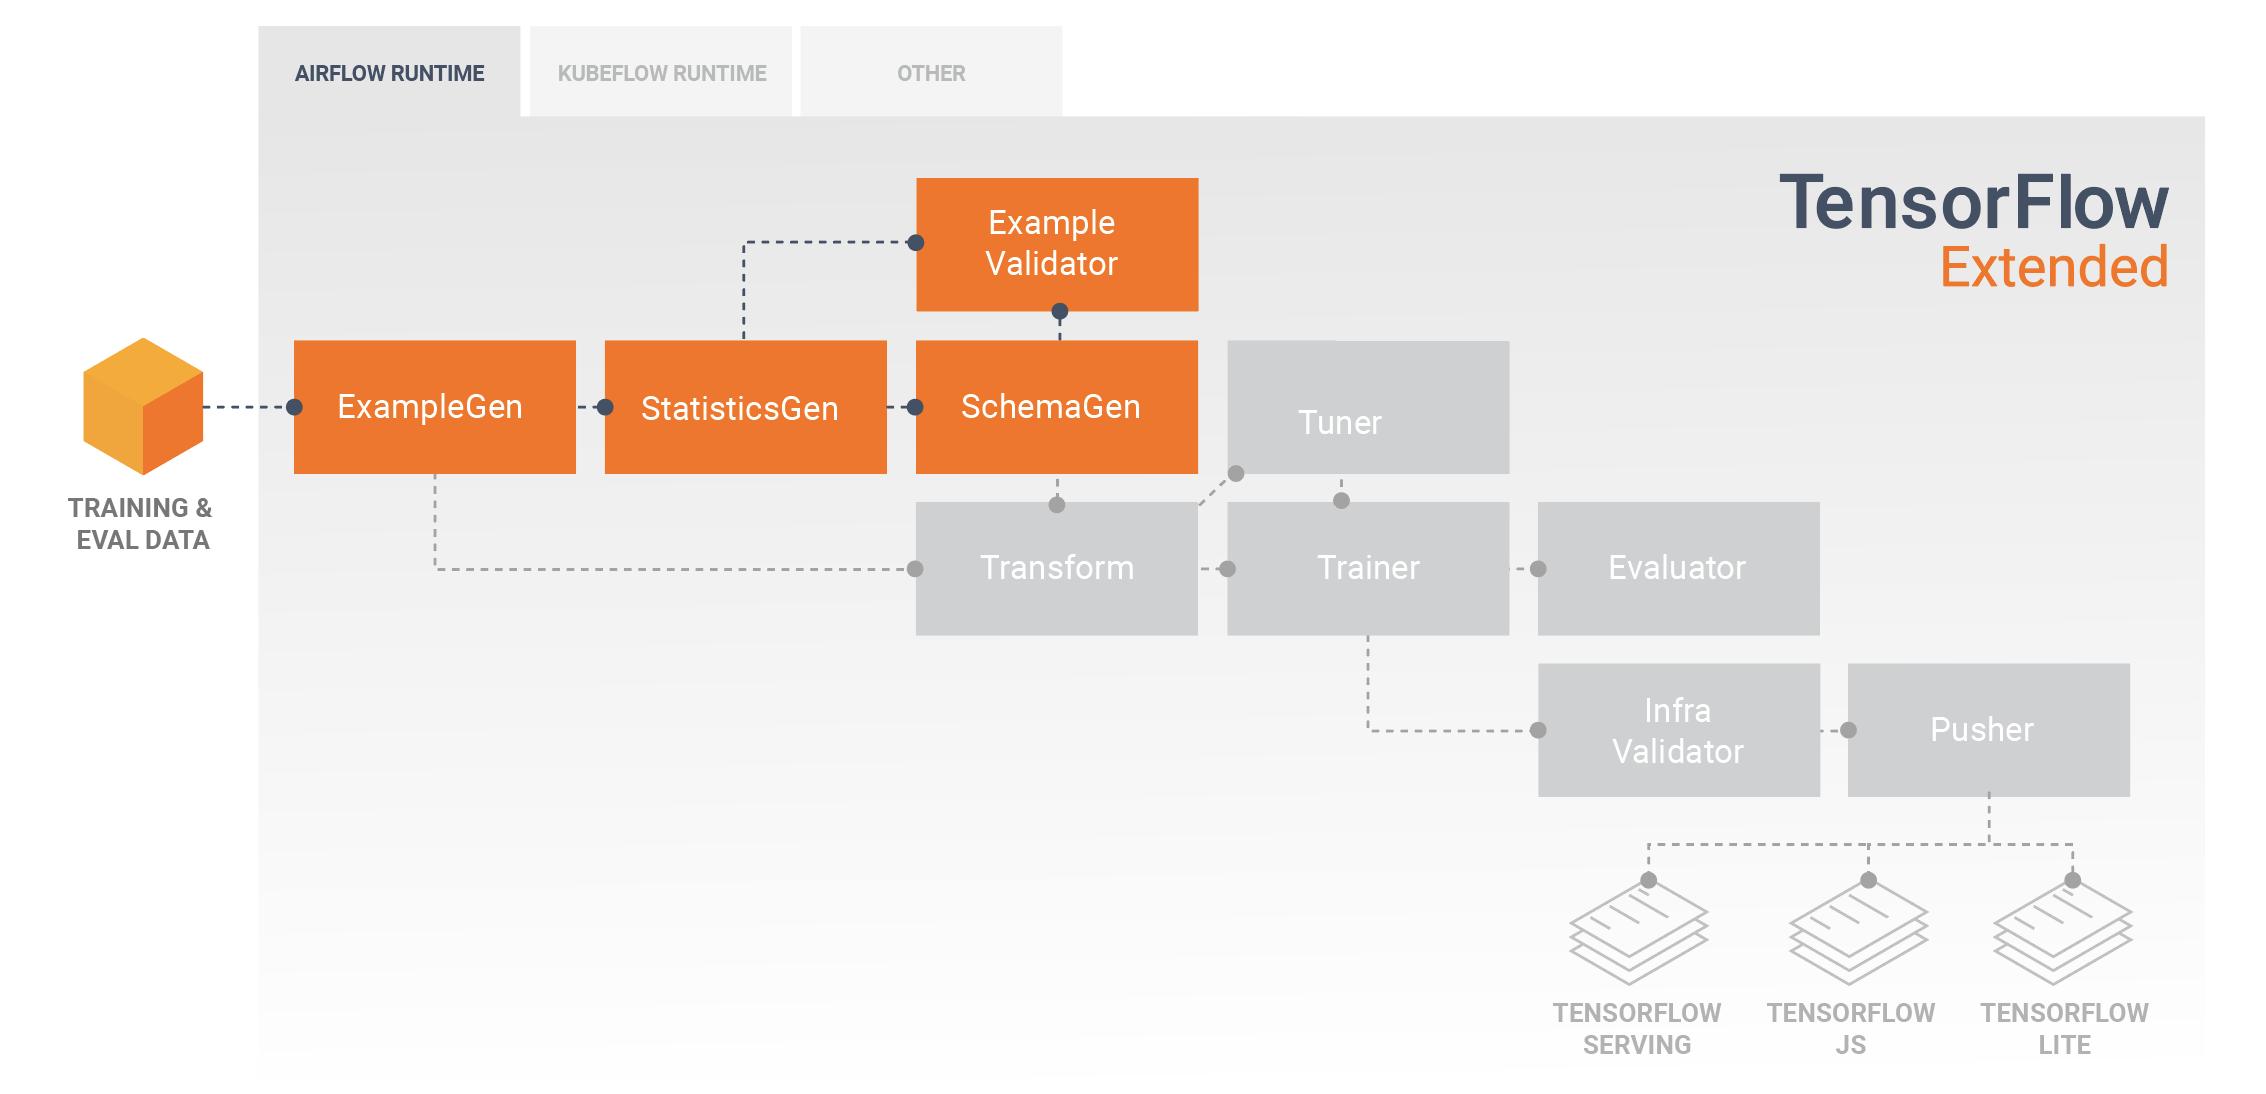 डेटा एक्सप्लोरेशन, विज़ुअलाइज़ेशन और क्लीनिंग